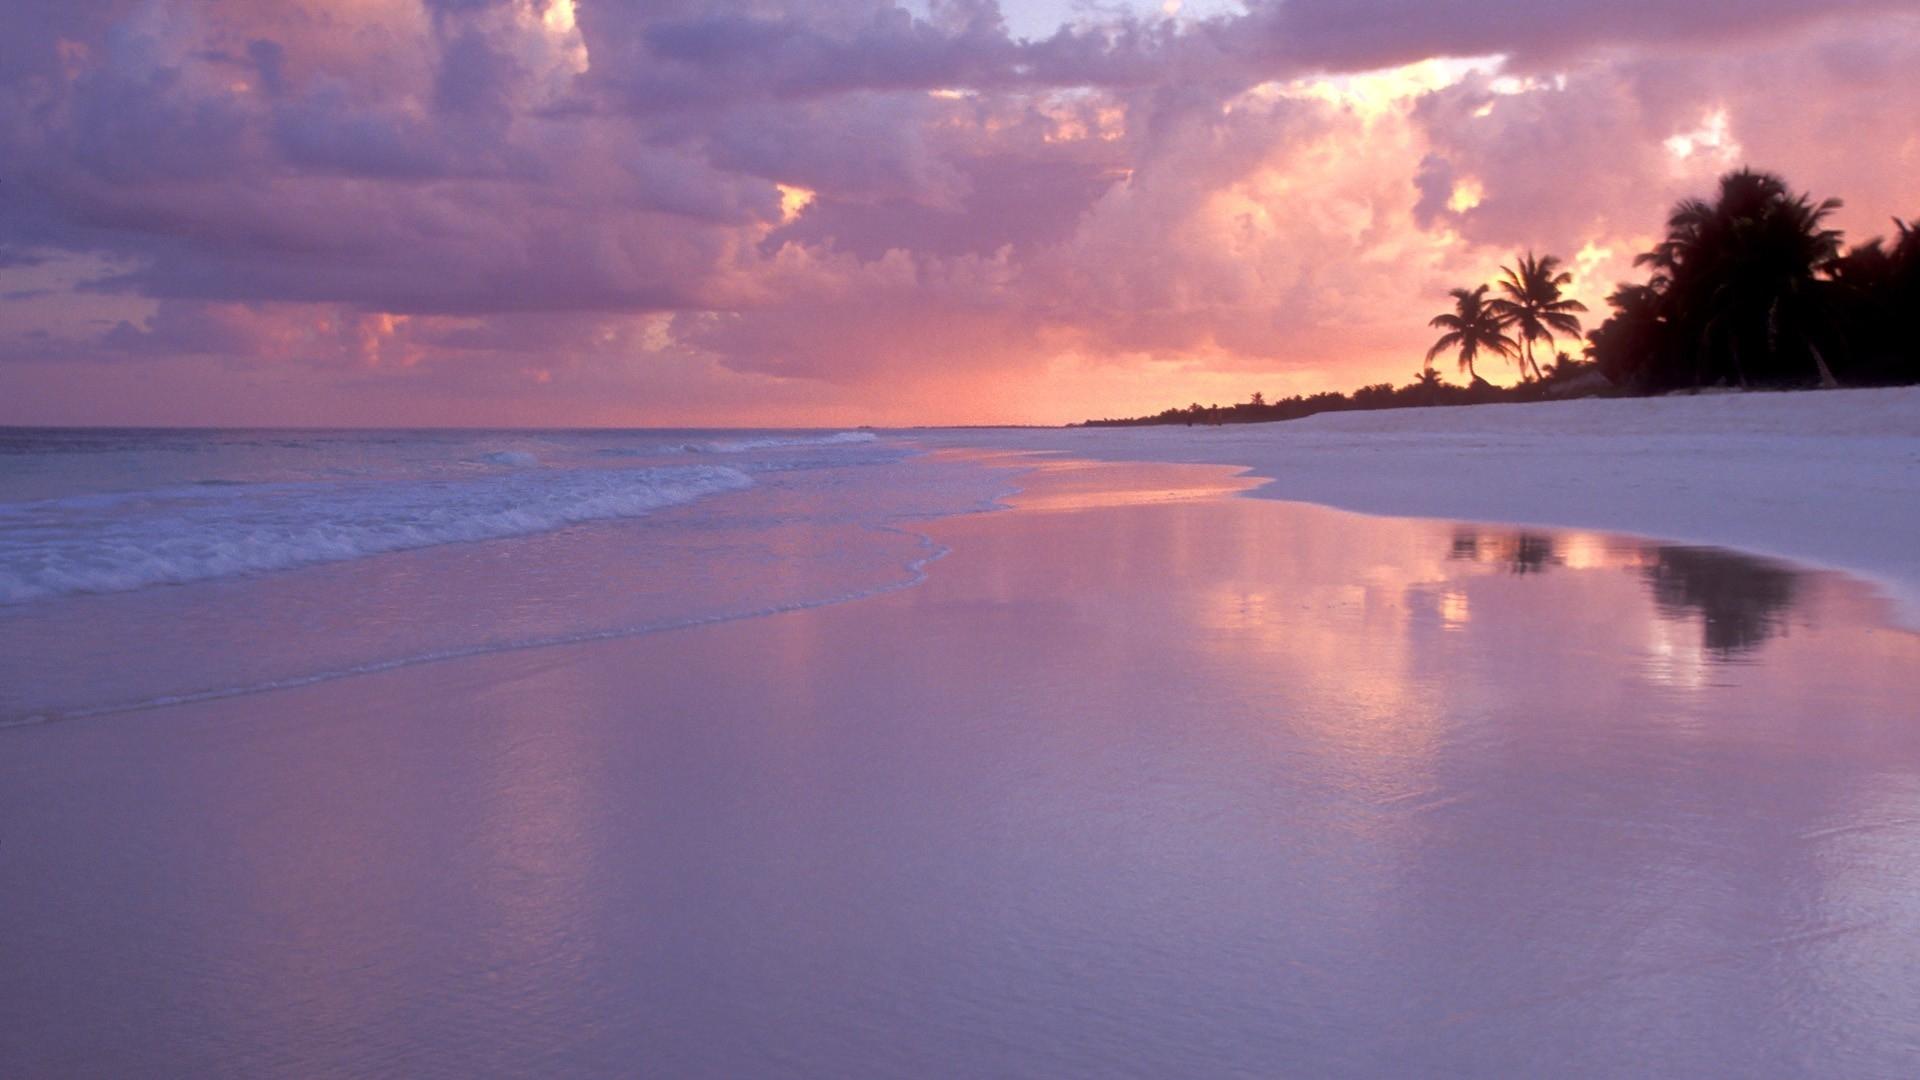 Sand Landscapes Ocean Sunset Sky